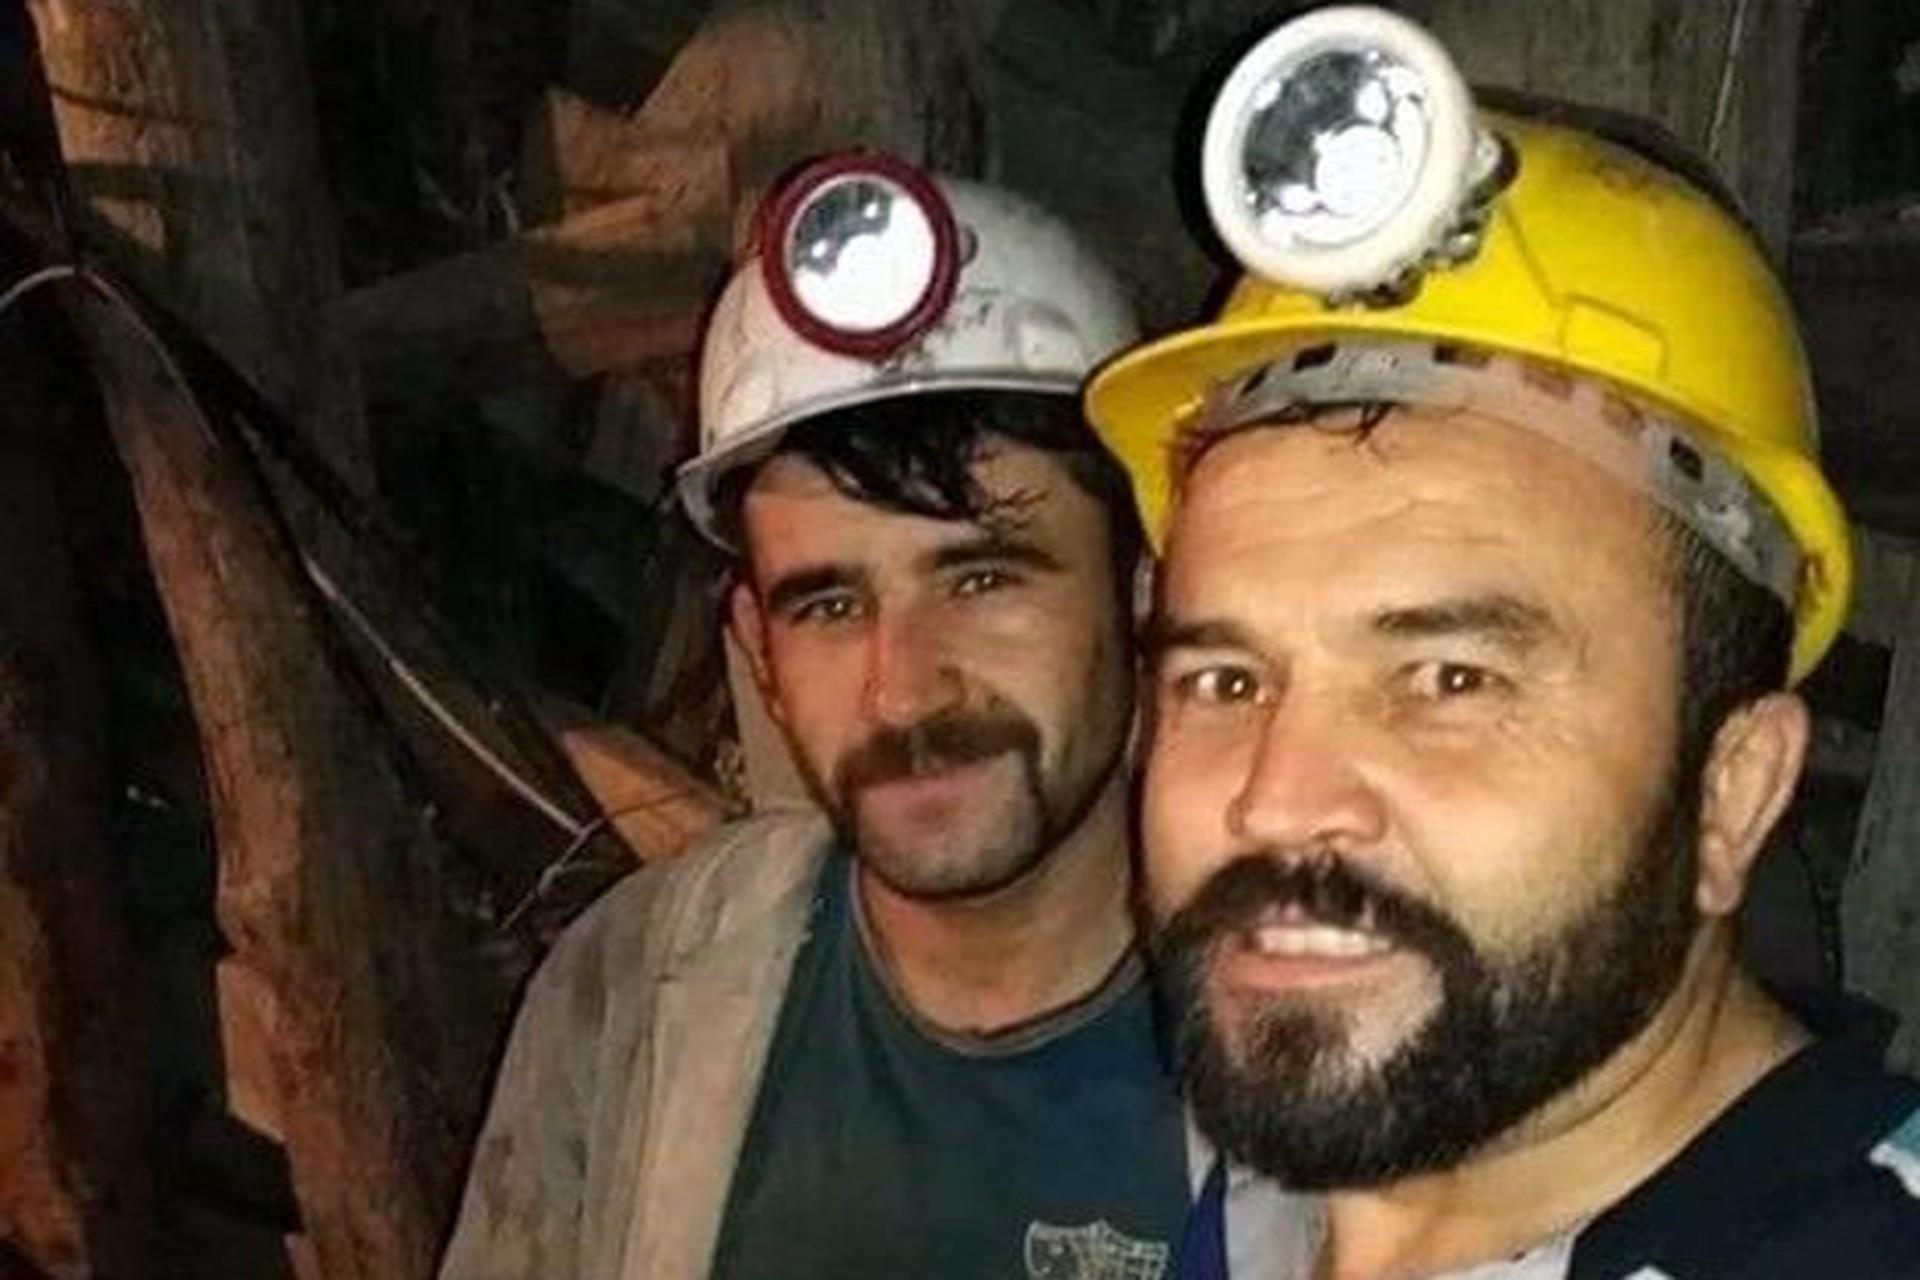 İki maden işçisi yer altında fotoğraf çekilirken